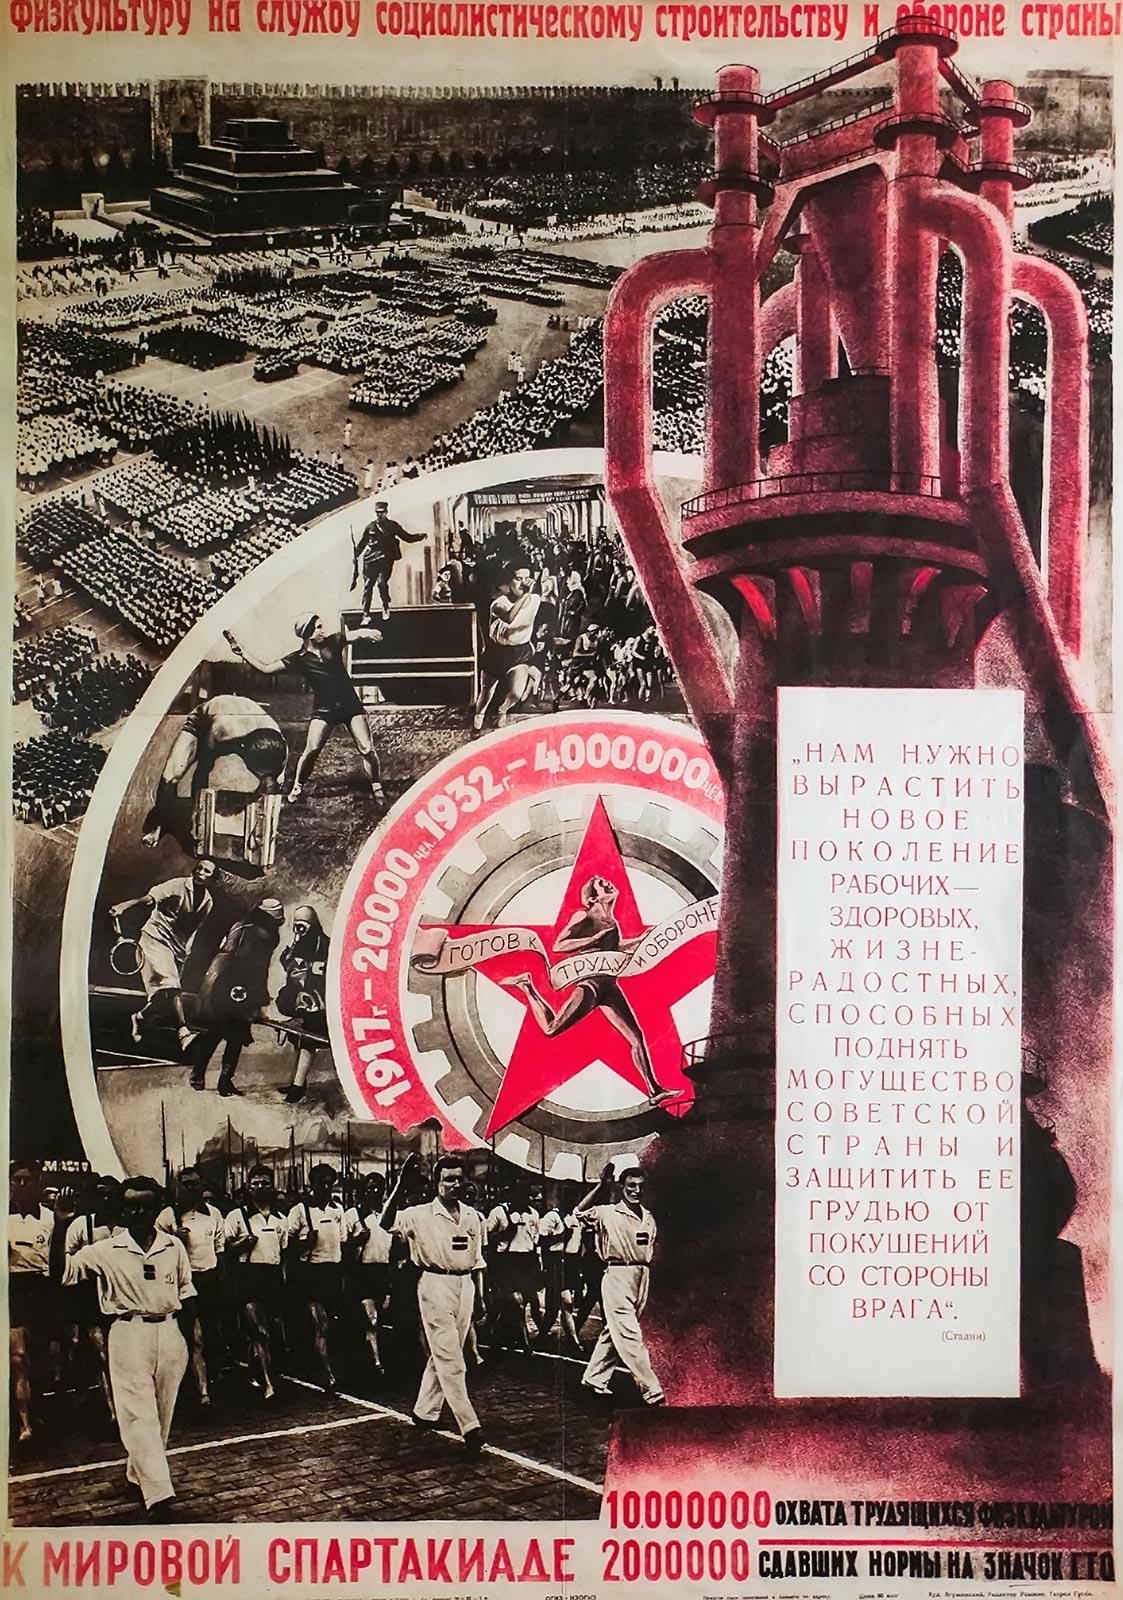 Фото №143726. Физкультуру на службу социалистическому строительству и обороне страны.